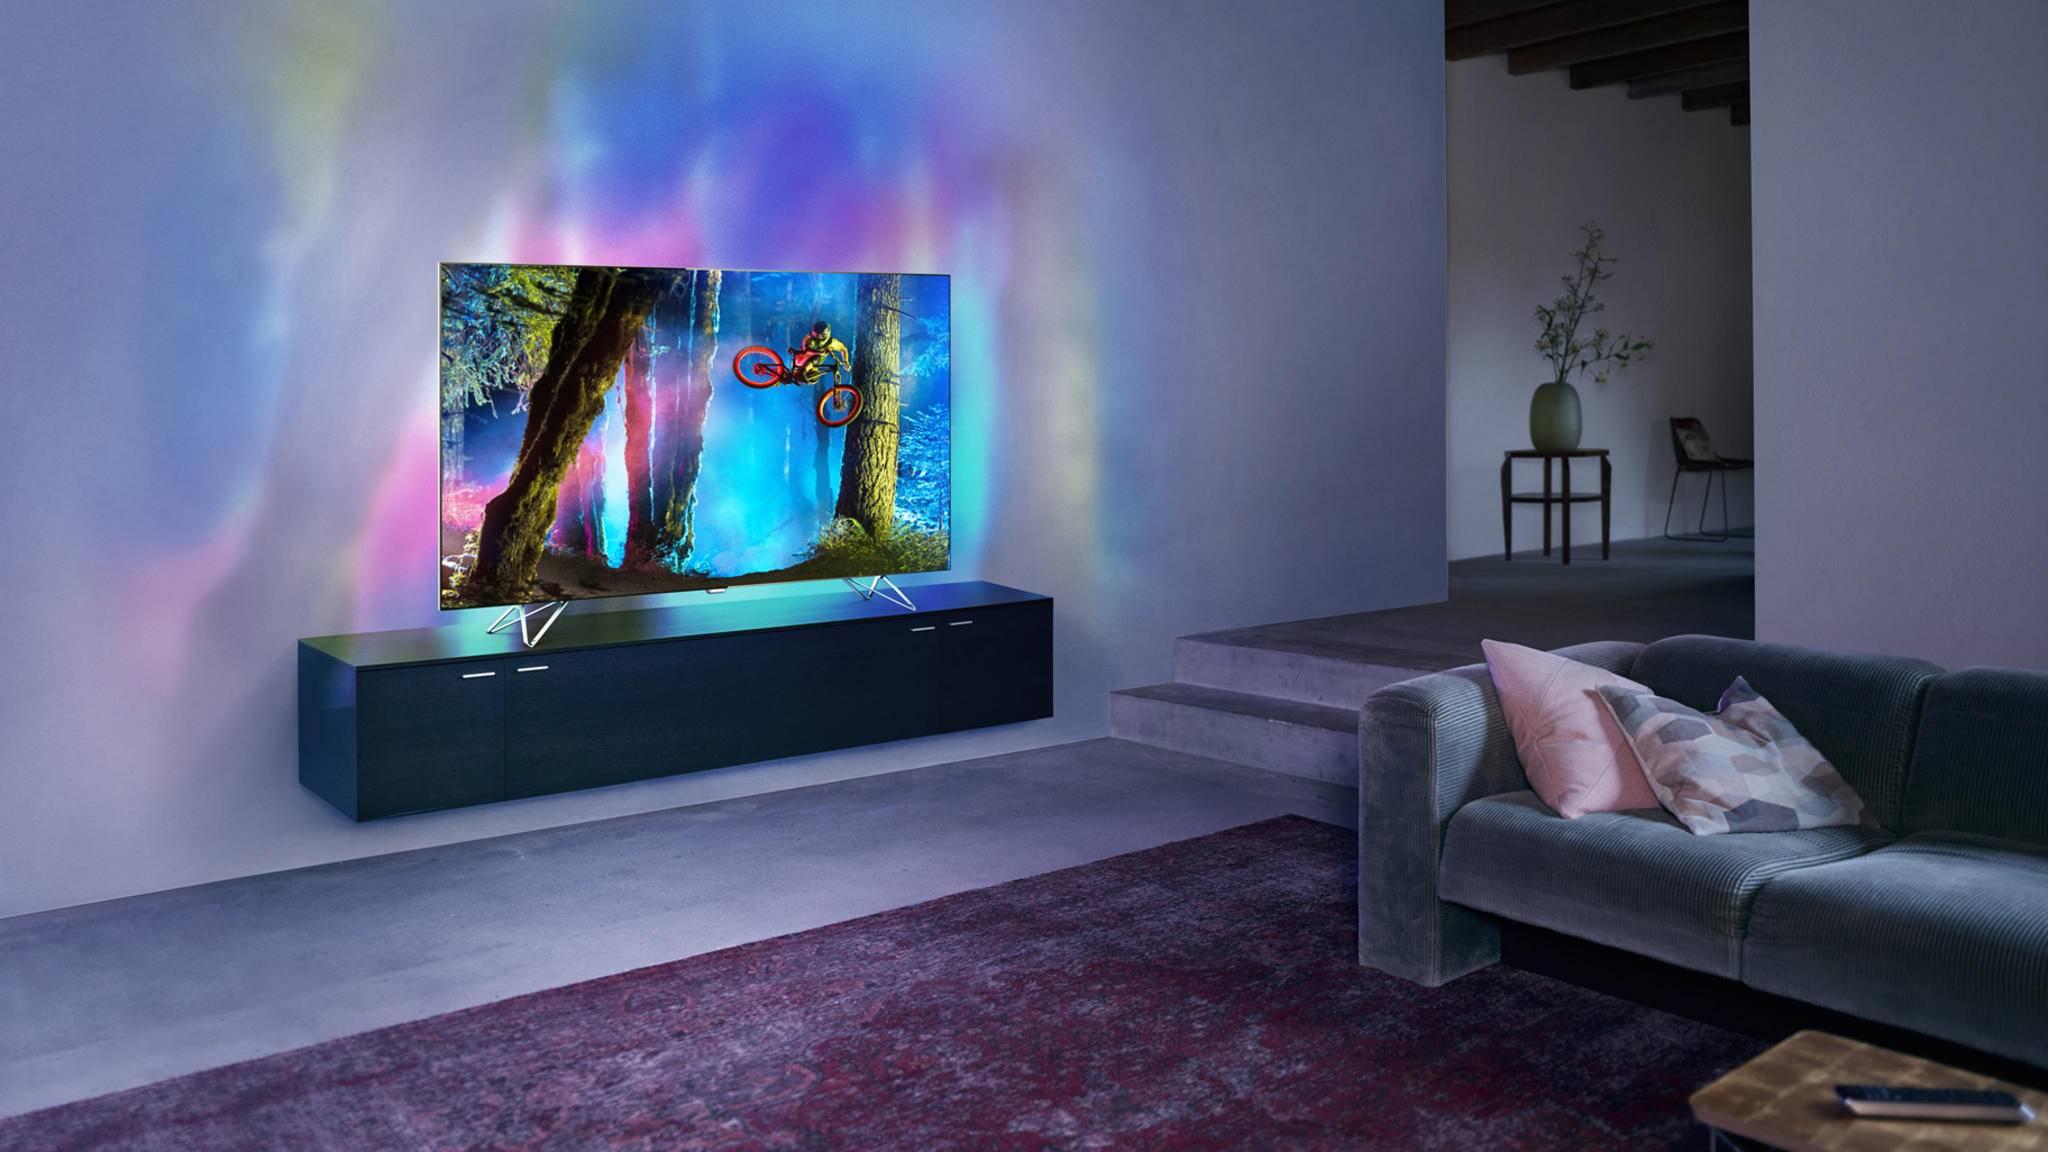 Ambilight nachrüsten: 3 Alternativen für ein schönes TV-Umgebungslicht